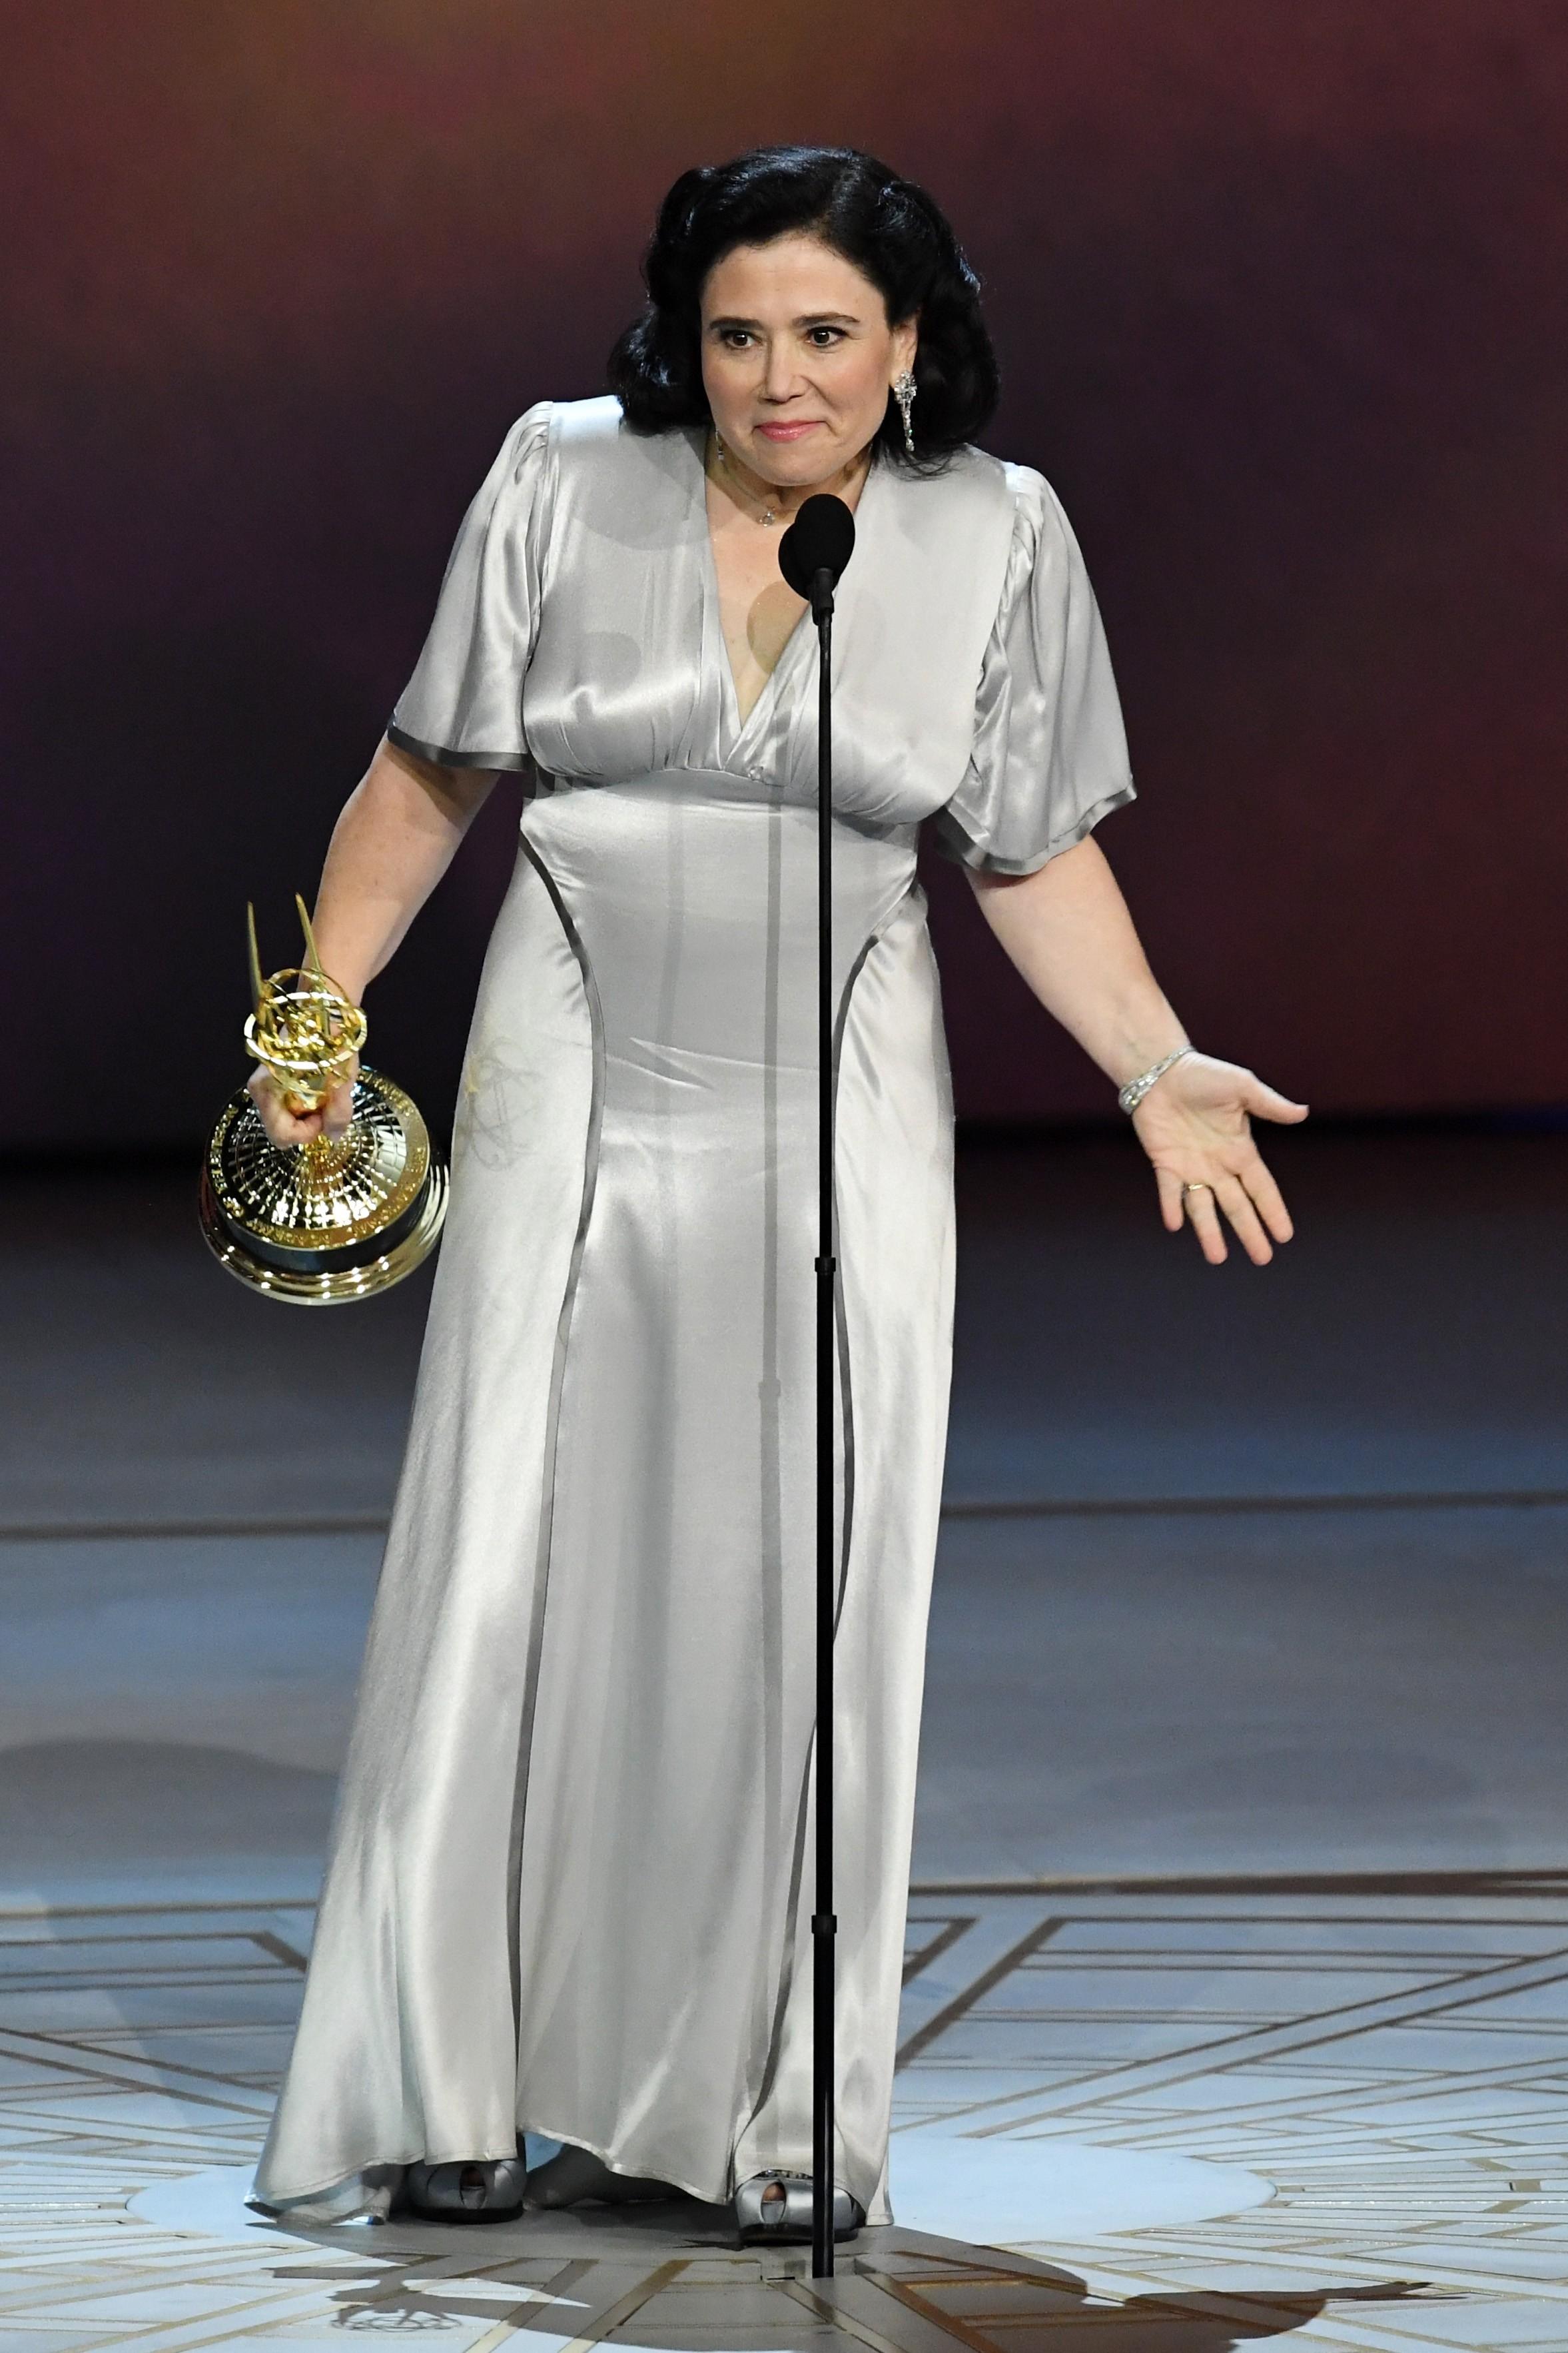 A atriz Alex Borstein na cerimônia do Emmy com seu antigo vestido de casamento (Foto: Getty Images)